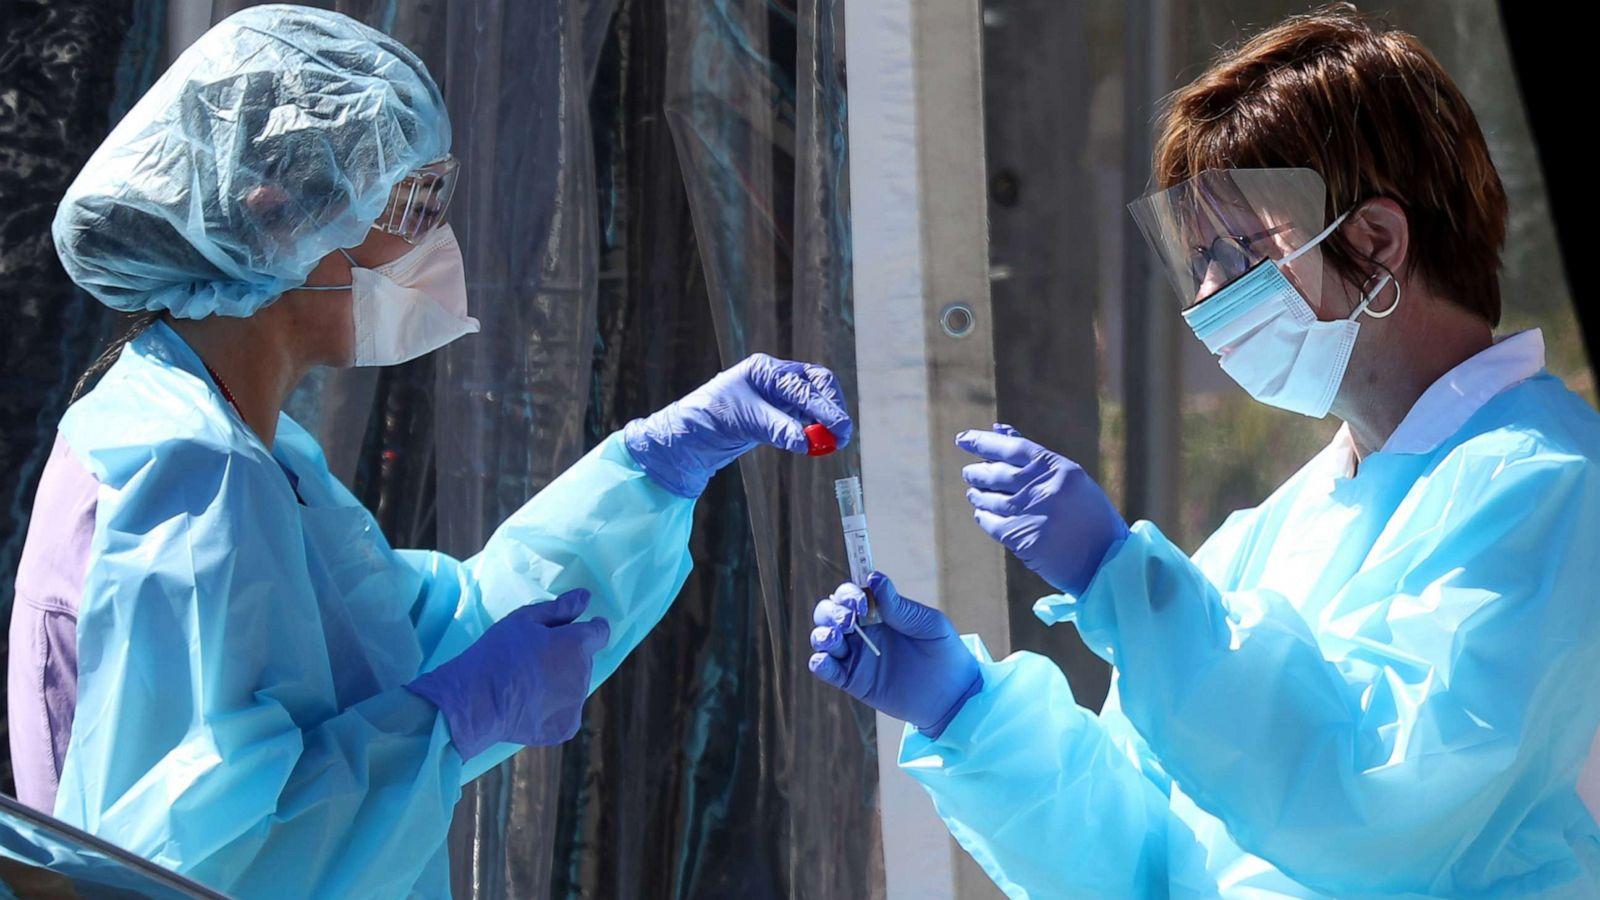 Özlü'den yeni virüs hakkında açıklama: Gelecek kış çok çetin geçebilir